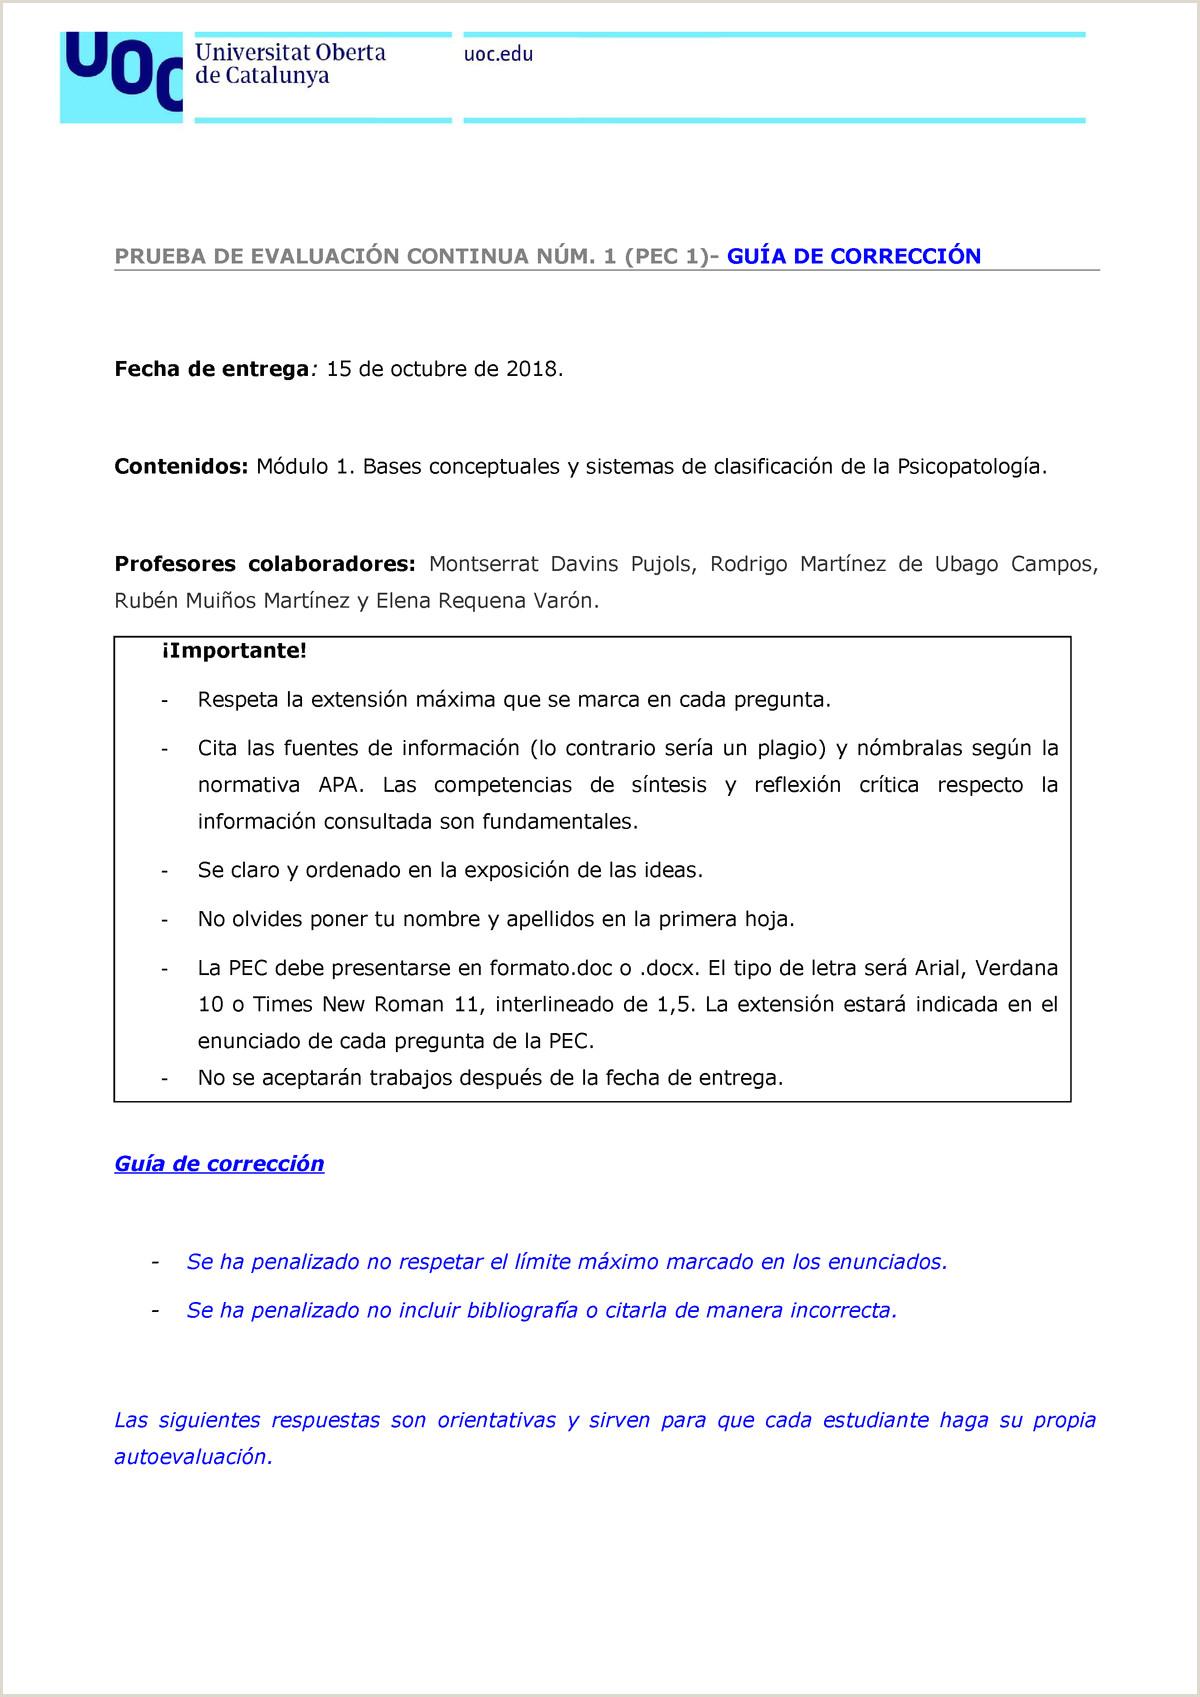 Formato De Hoja De Vida Estudiante Pec1 Gua De Correcci³n 80 521 Psicopatologa Adultos